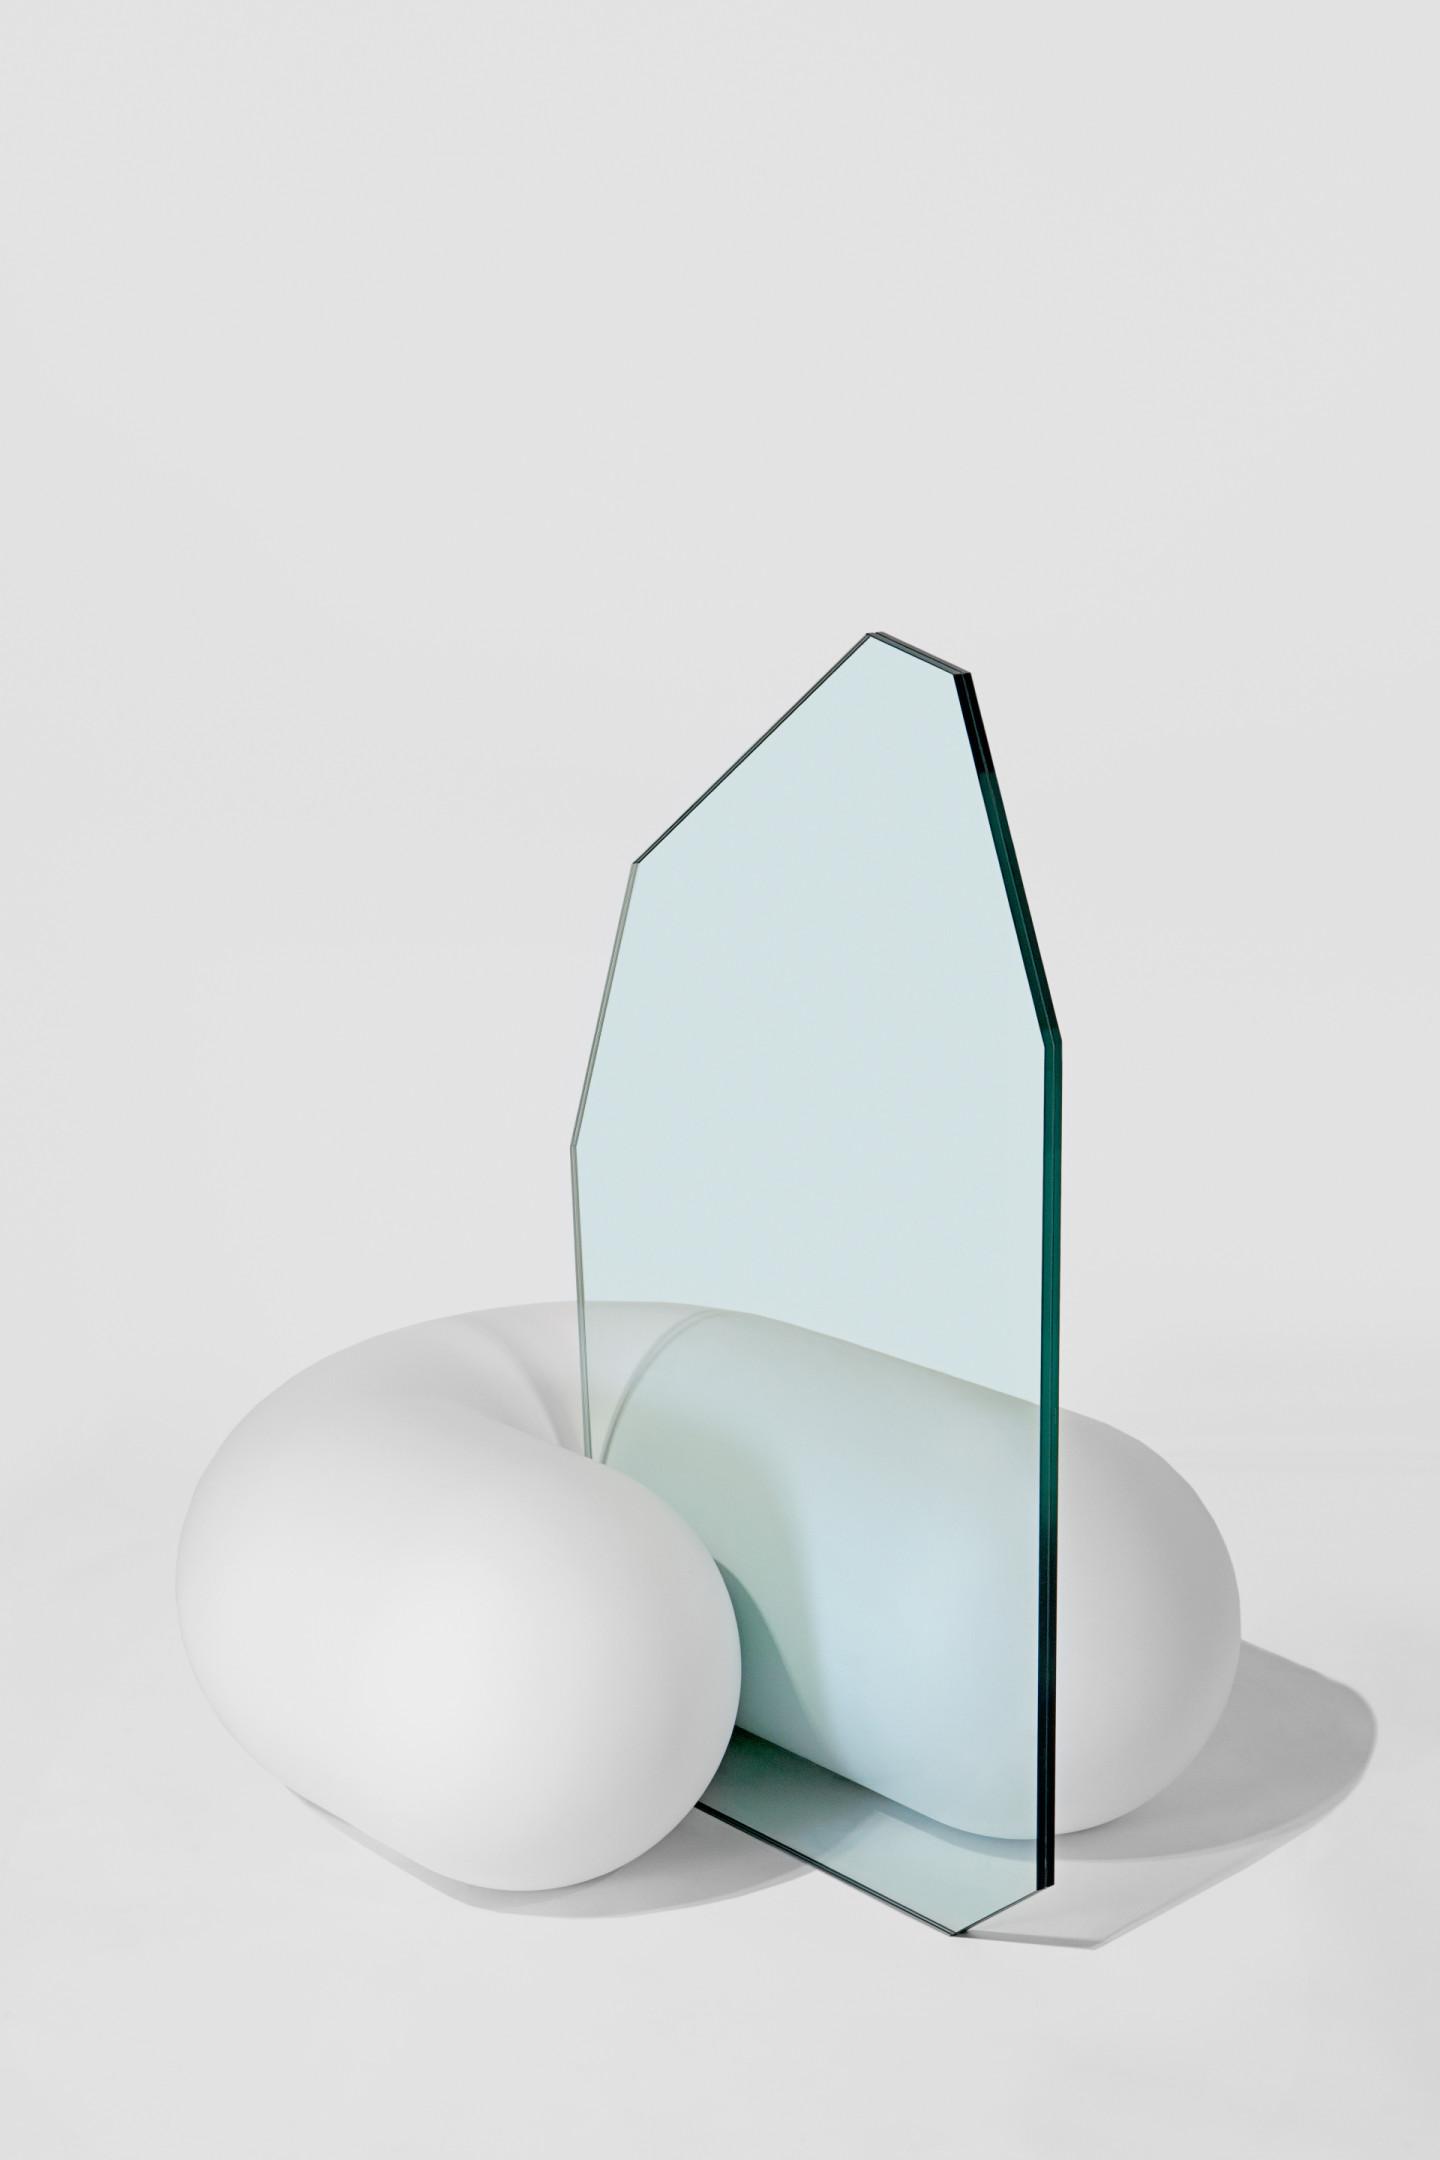 Стул Set No. 6 Sausage, дизайн müsing–sellés, галерея fābula. Международная ярмарка современного искусства Cosmoscow 2020